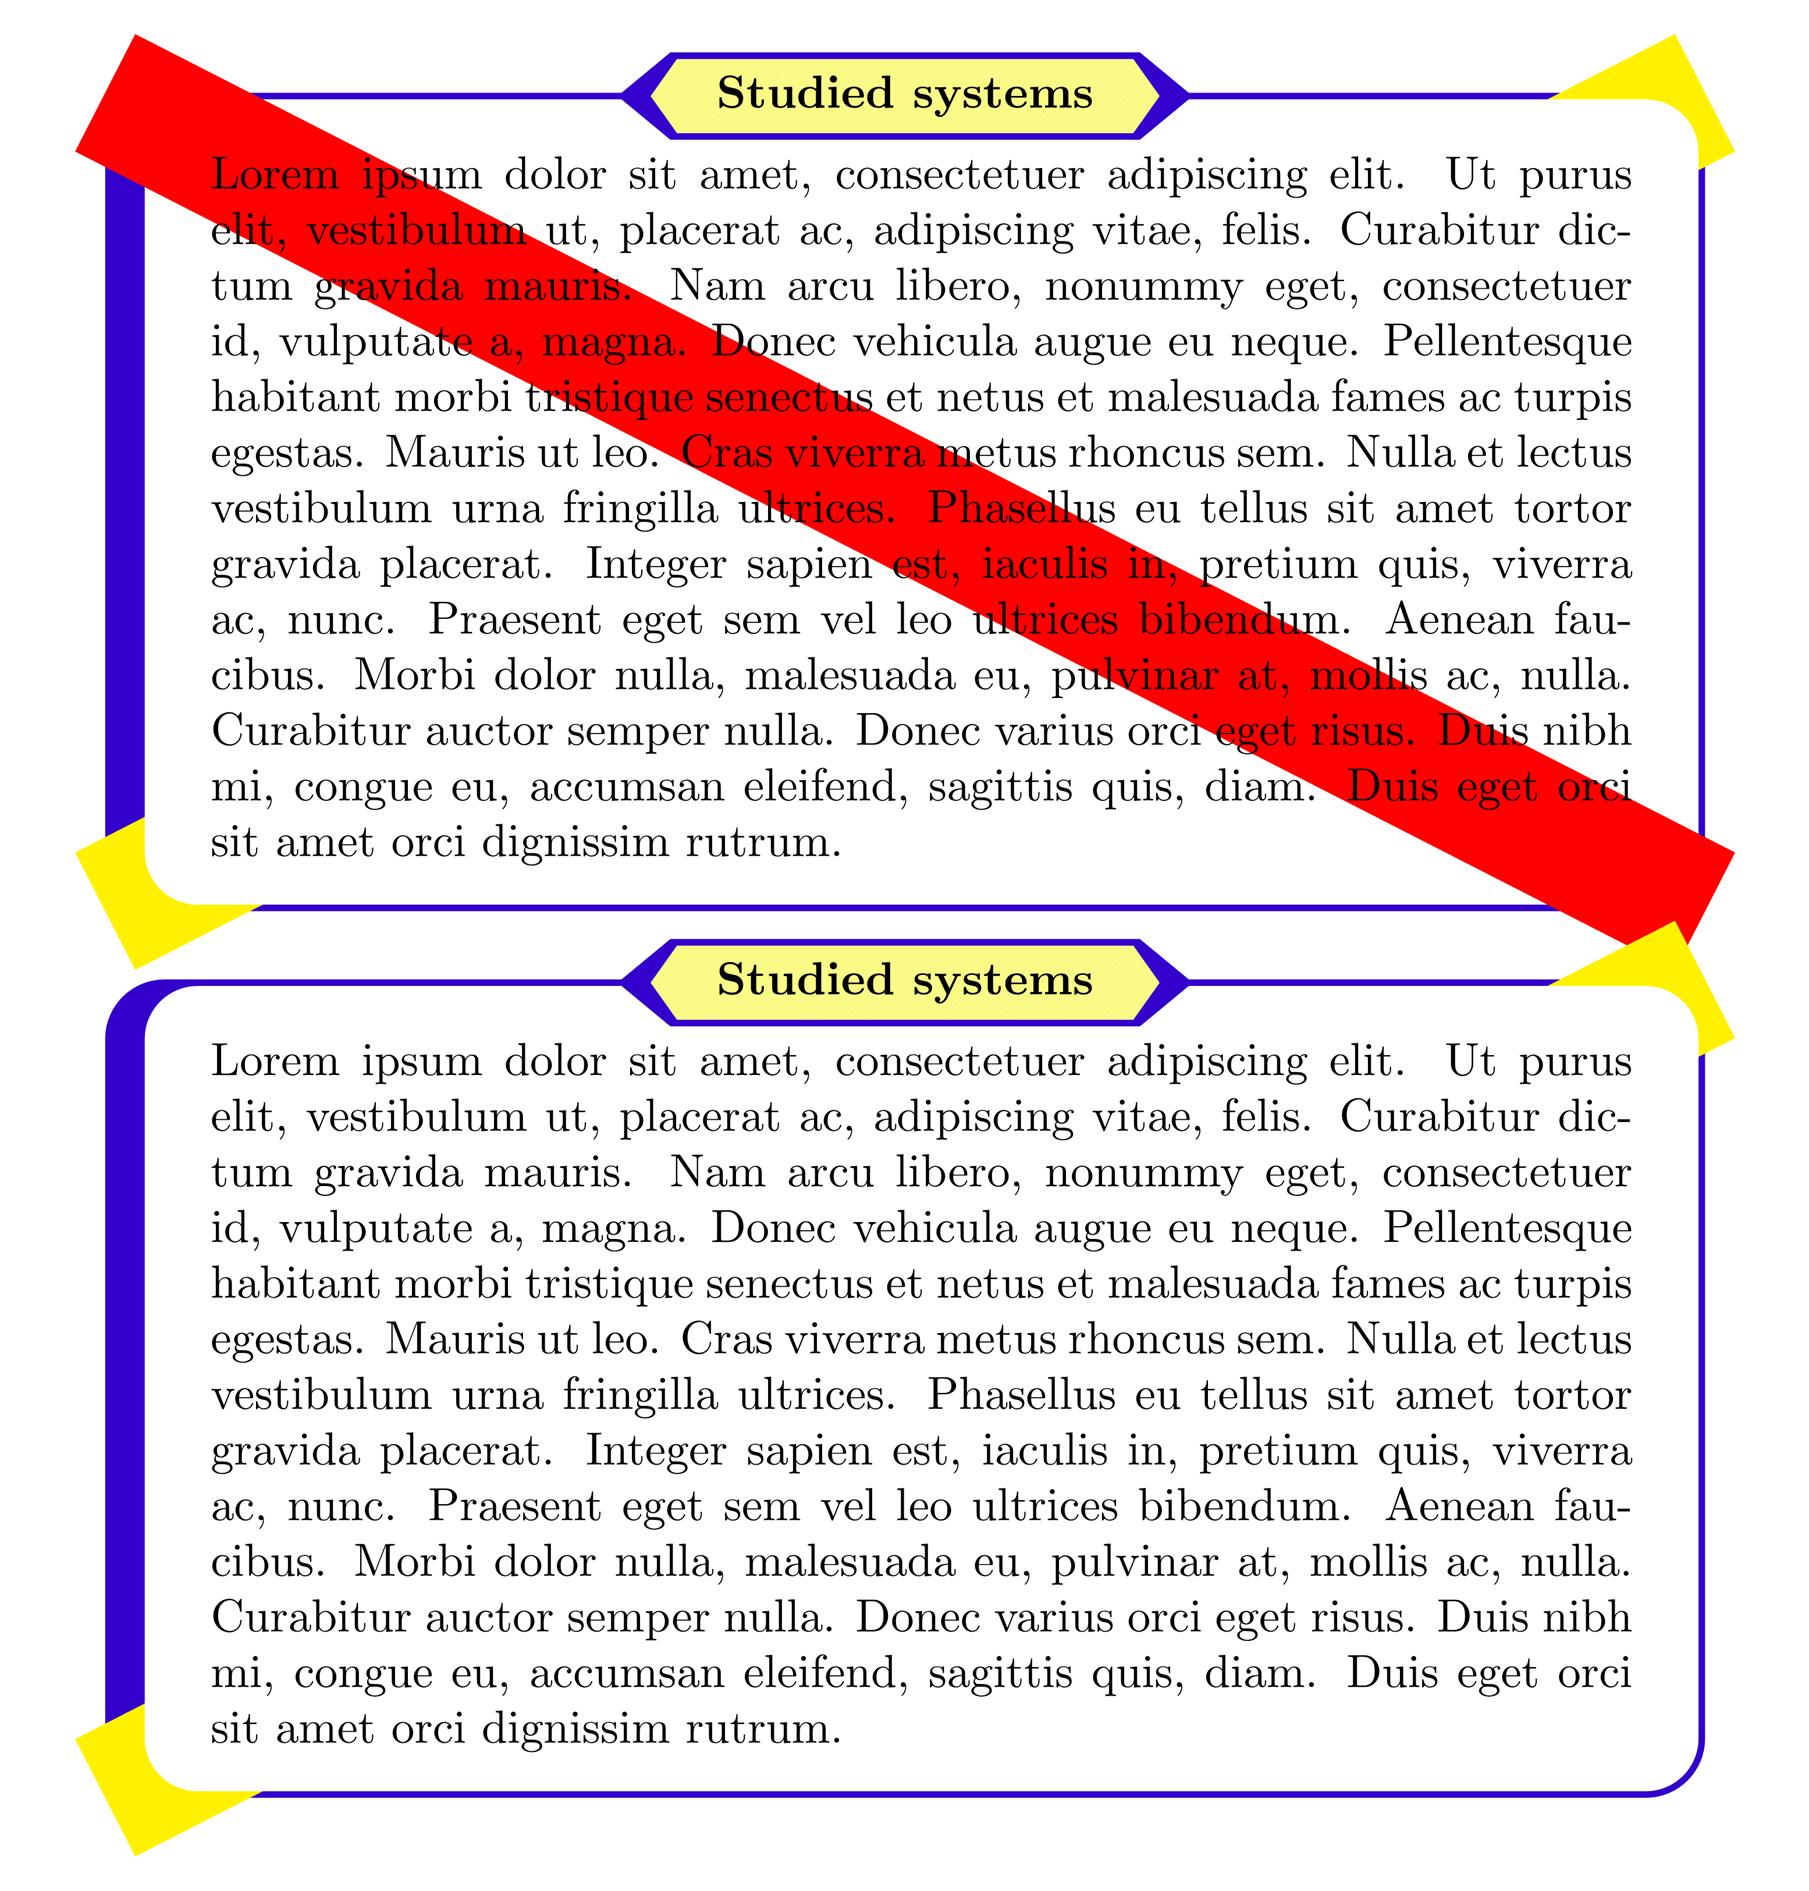 tcolorbox 的一个文本框定制样例